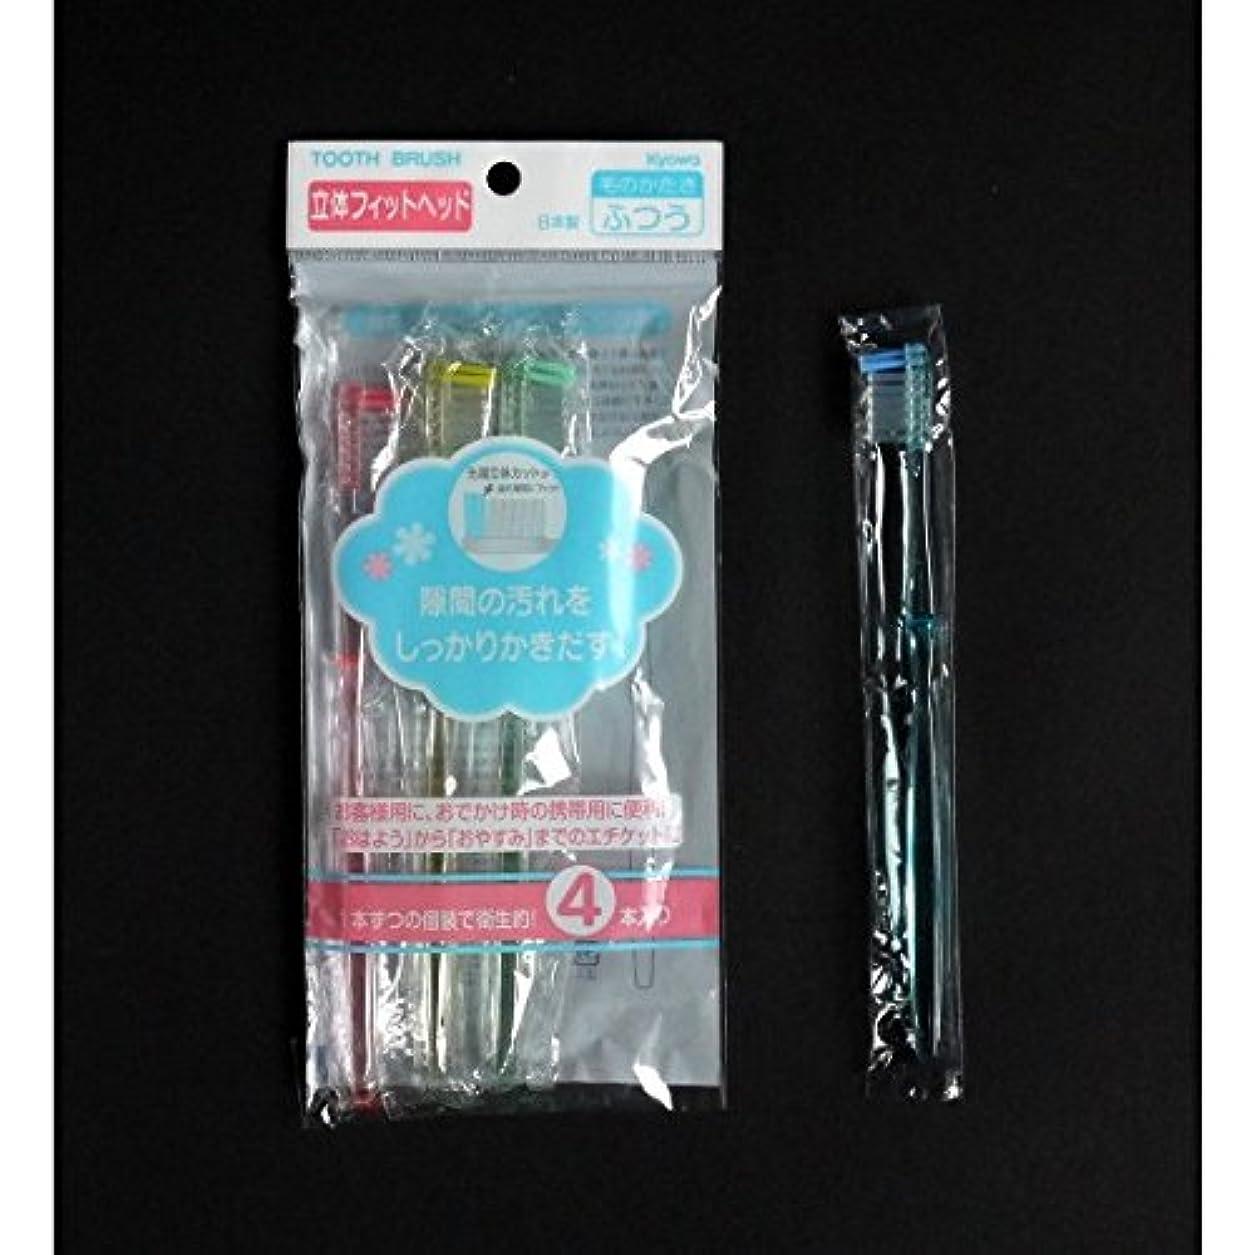 流行している光沢のある困惑した歯ブラシ ふつう 立体フィットヘッド 4本入